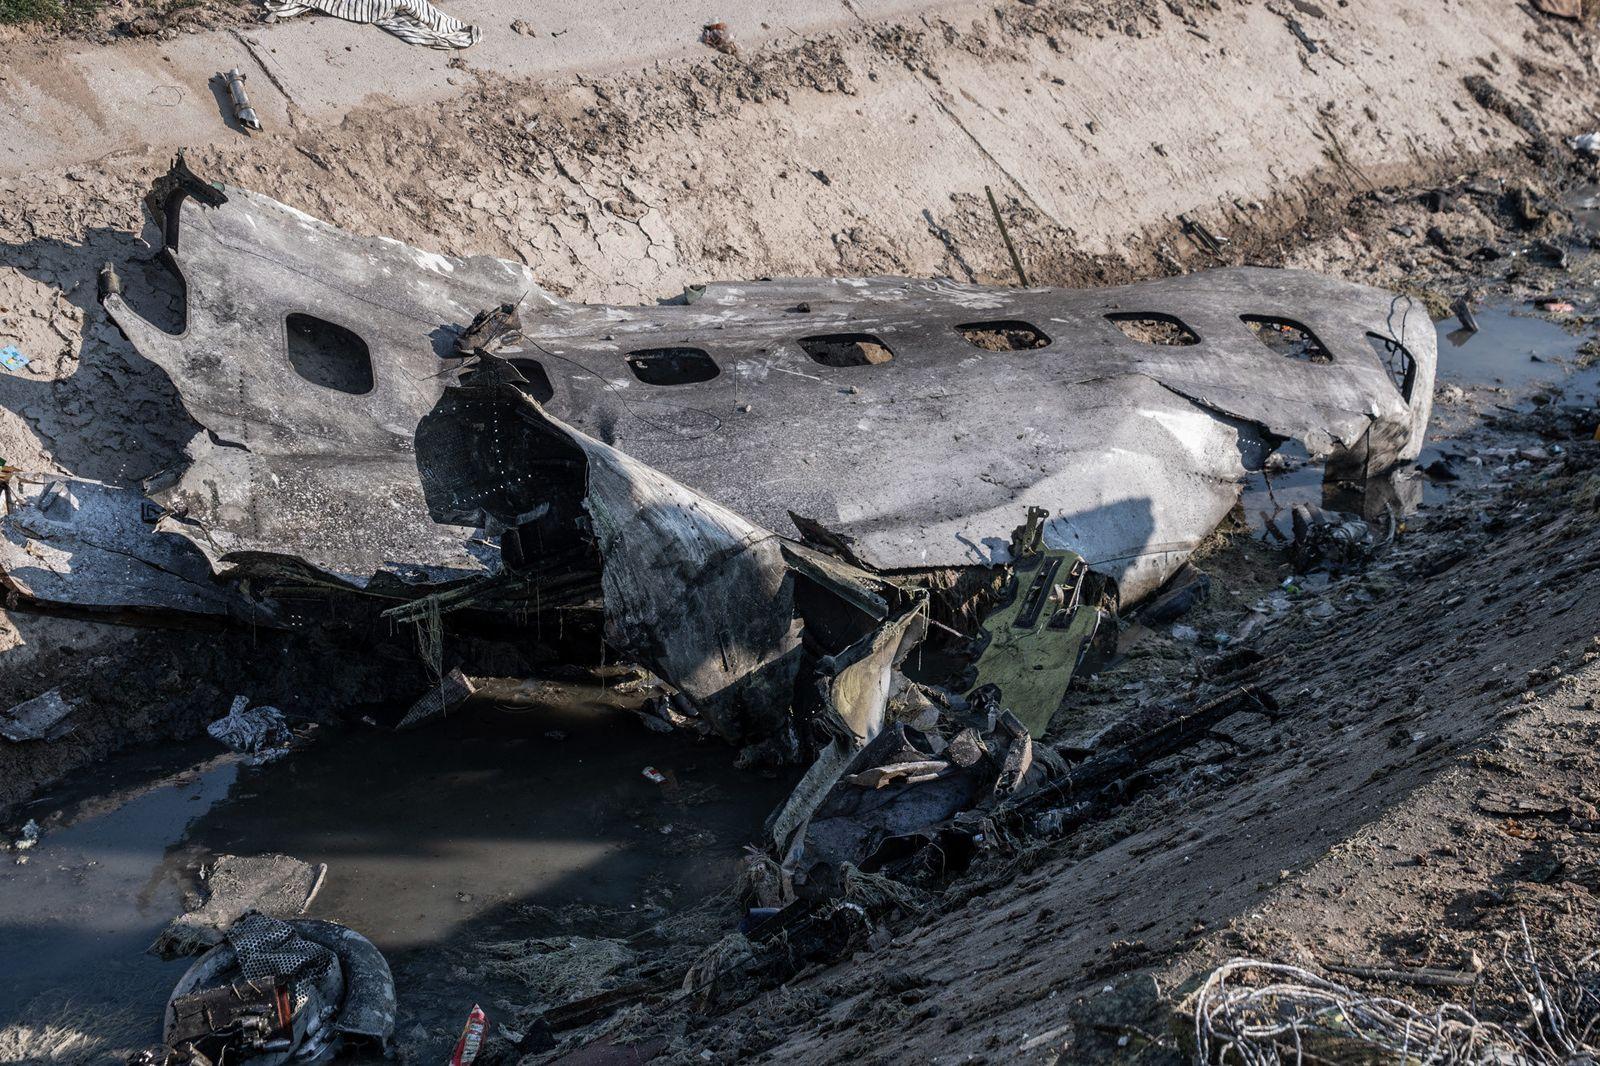 Ukrainischer Flugzeugabsturz im Iran